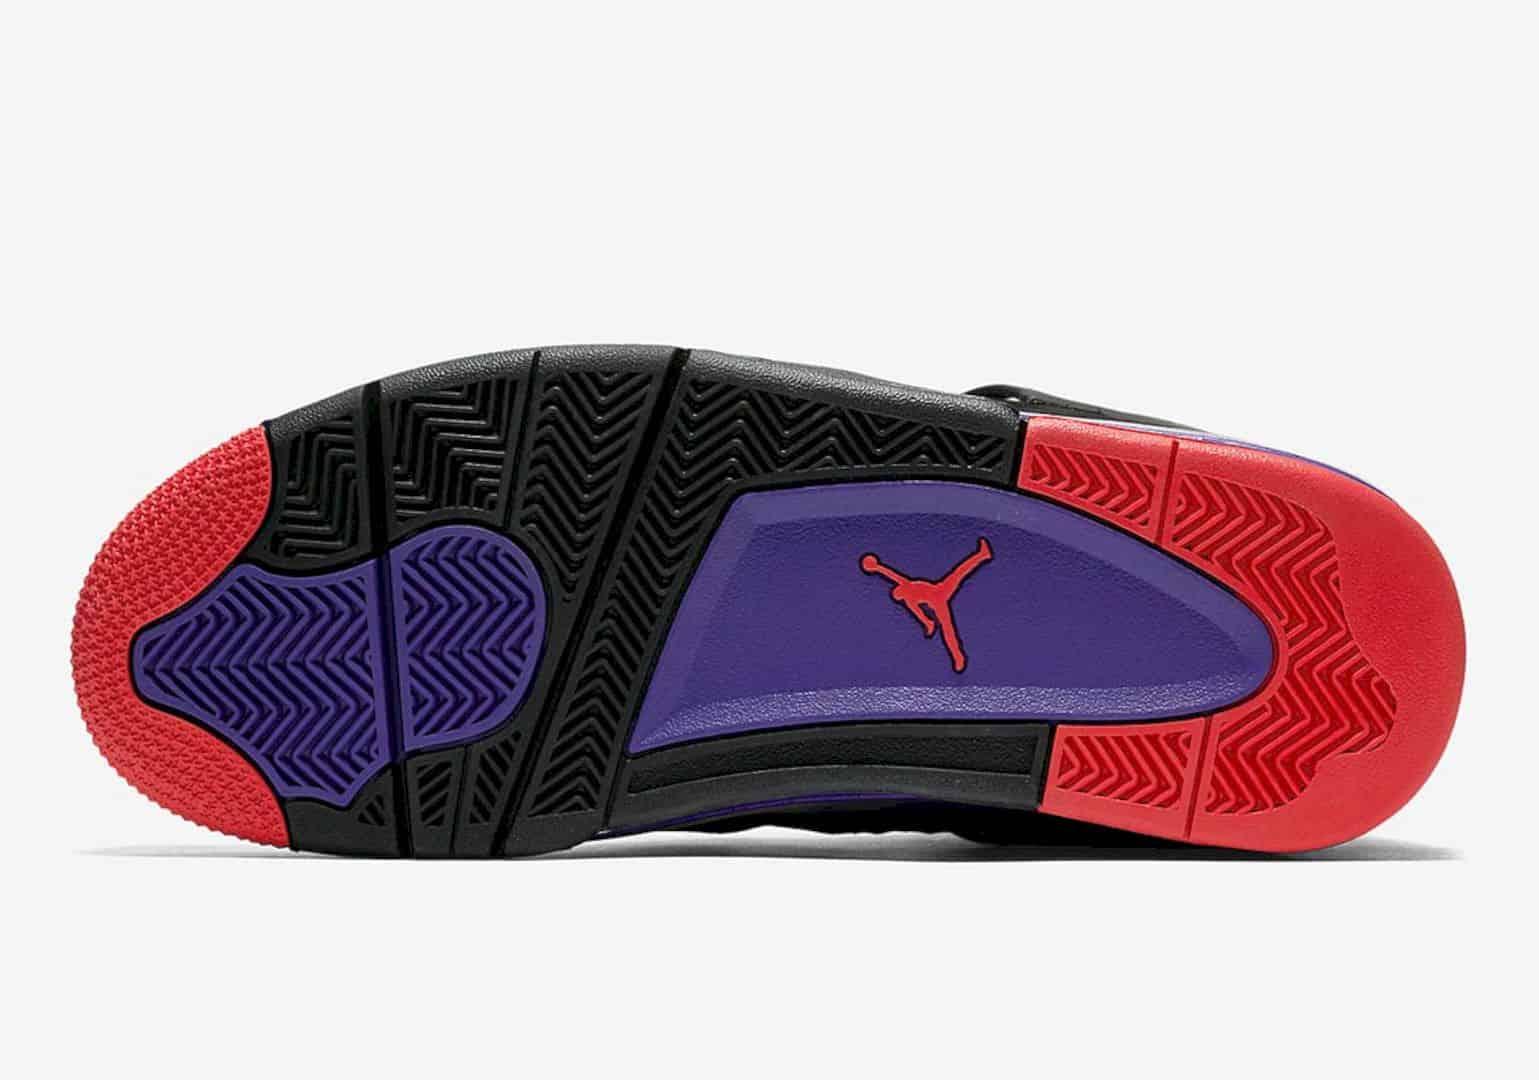 Air Jordan 4 Raptors 1